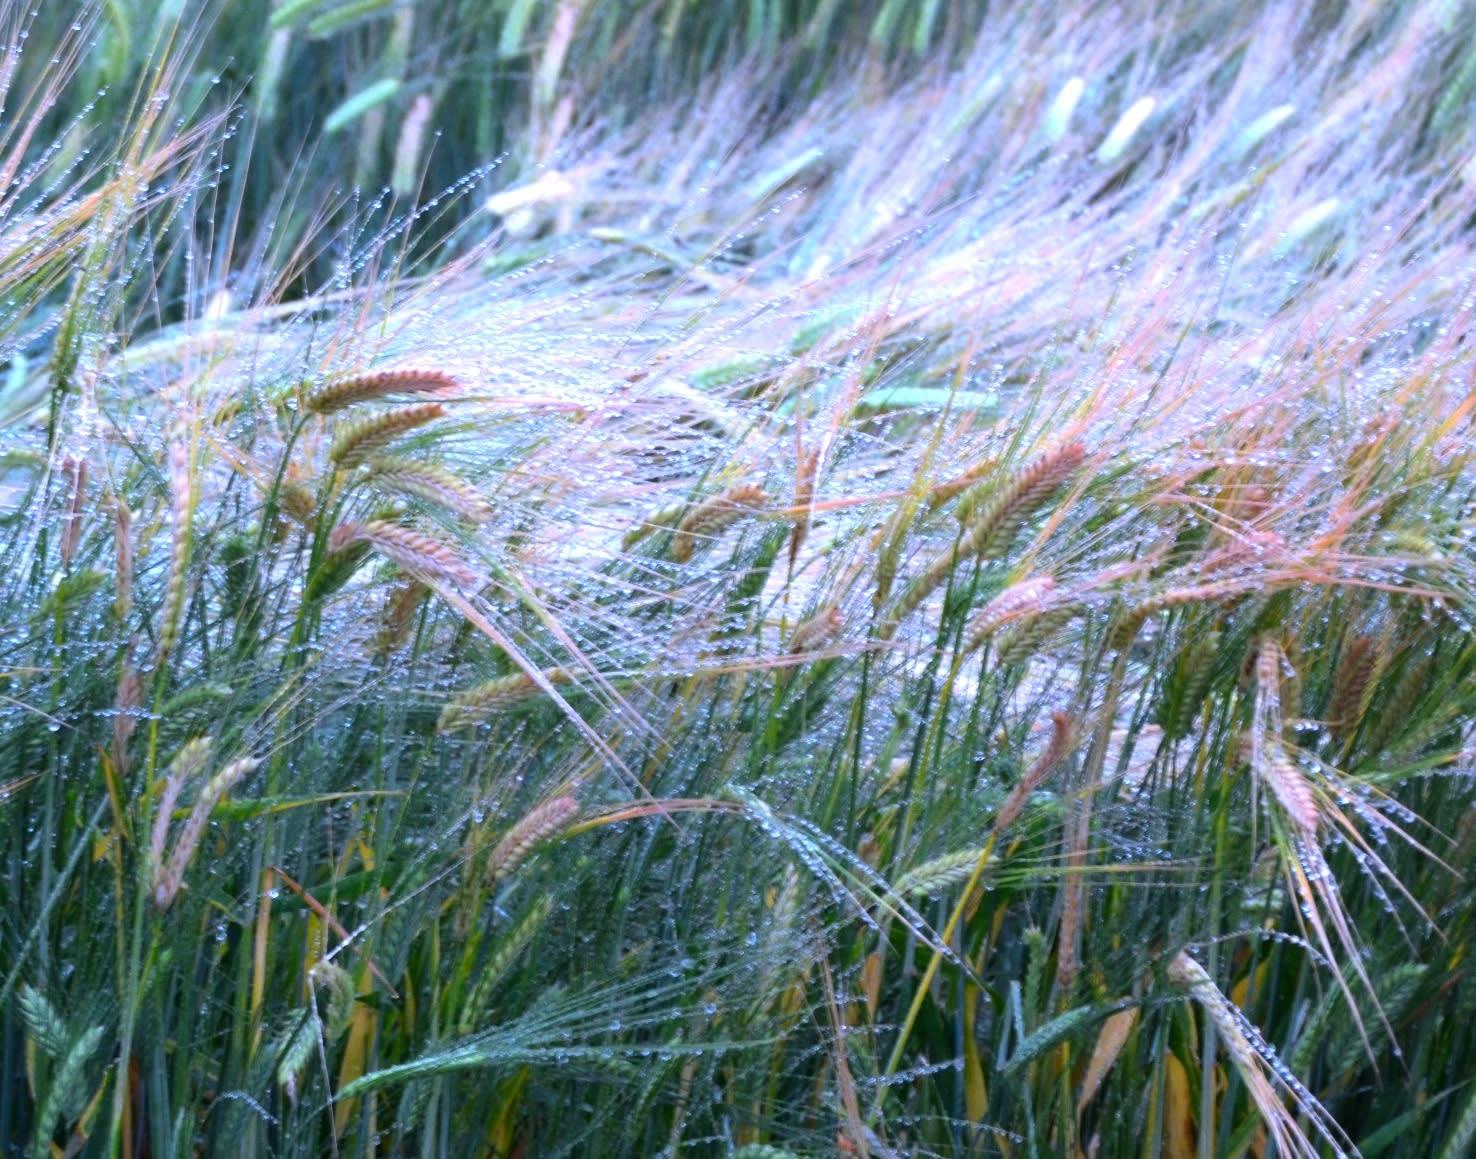 2013 05 30 霧雨に濡れそぼる、麦の穂